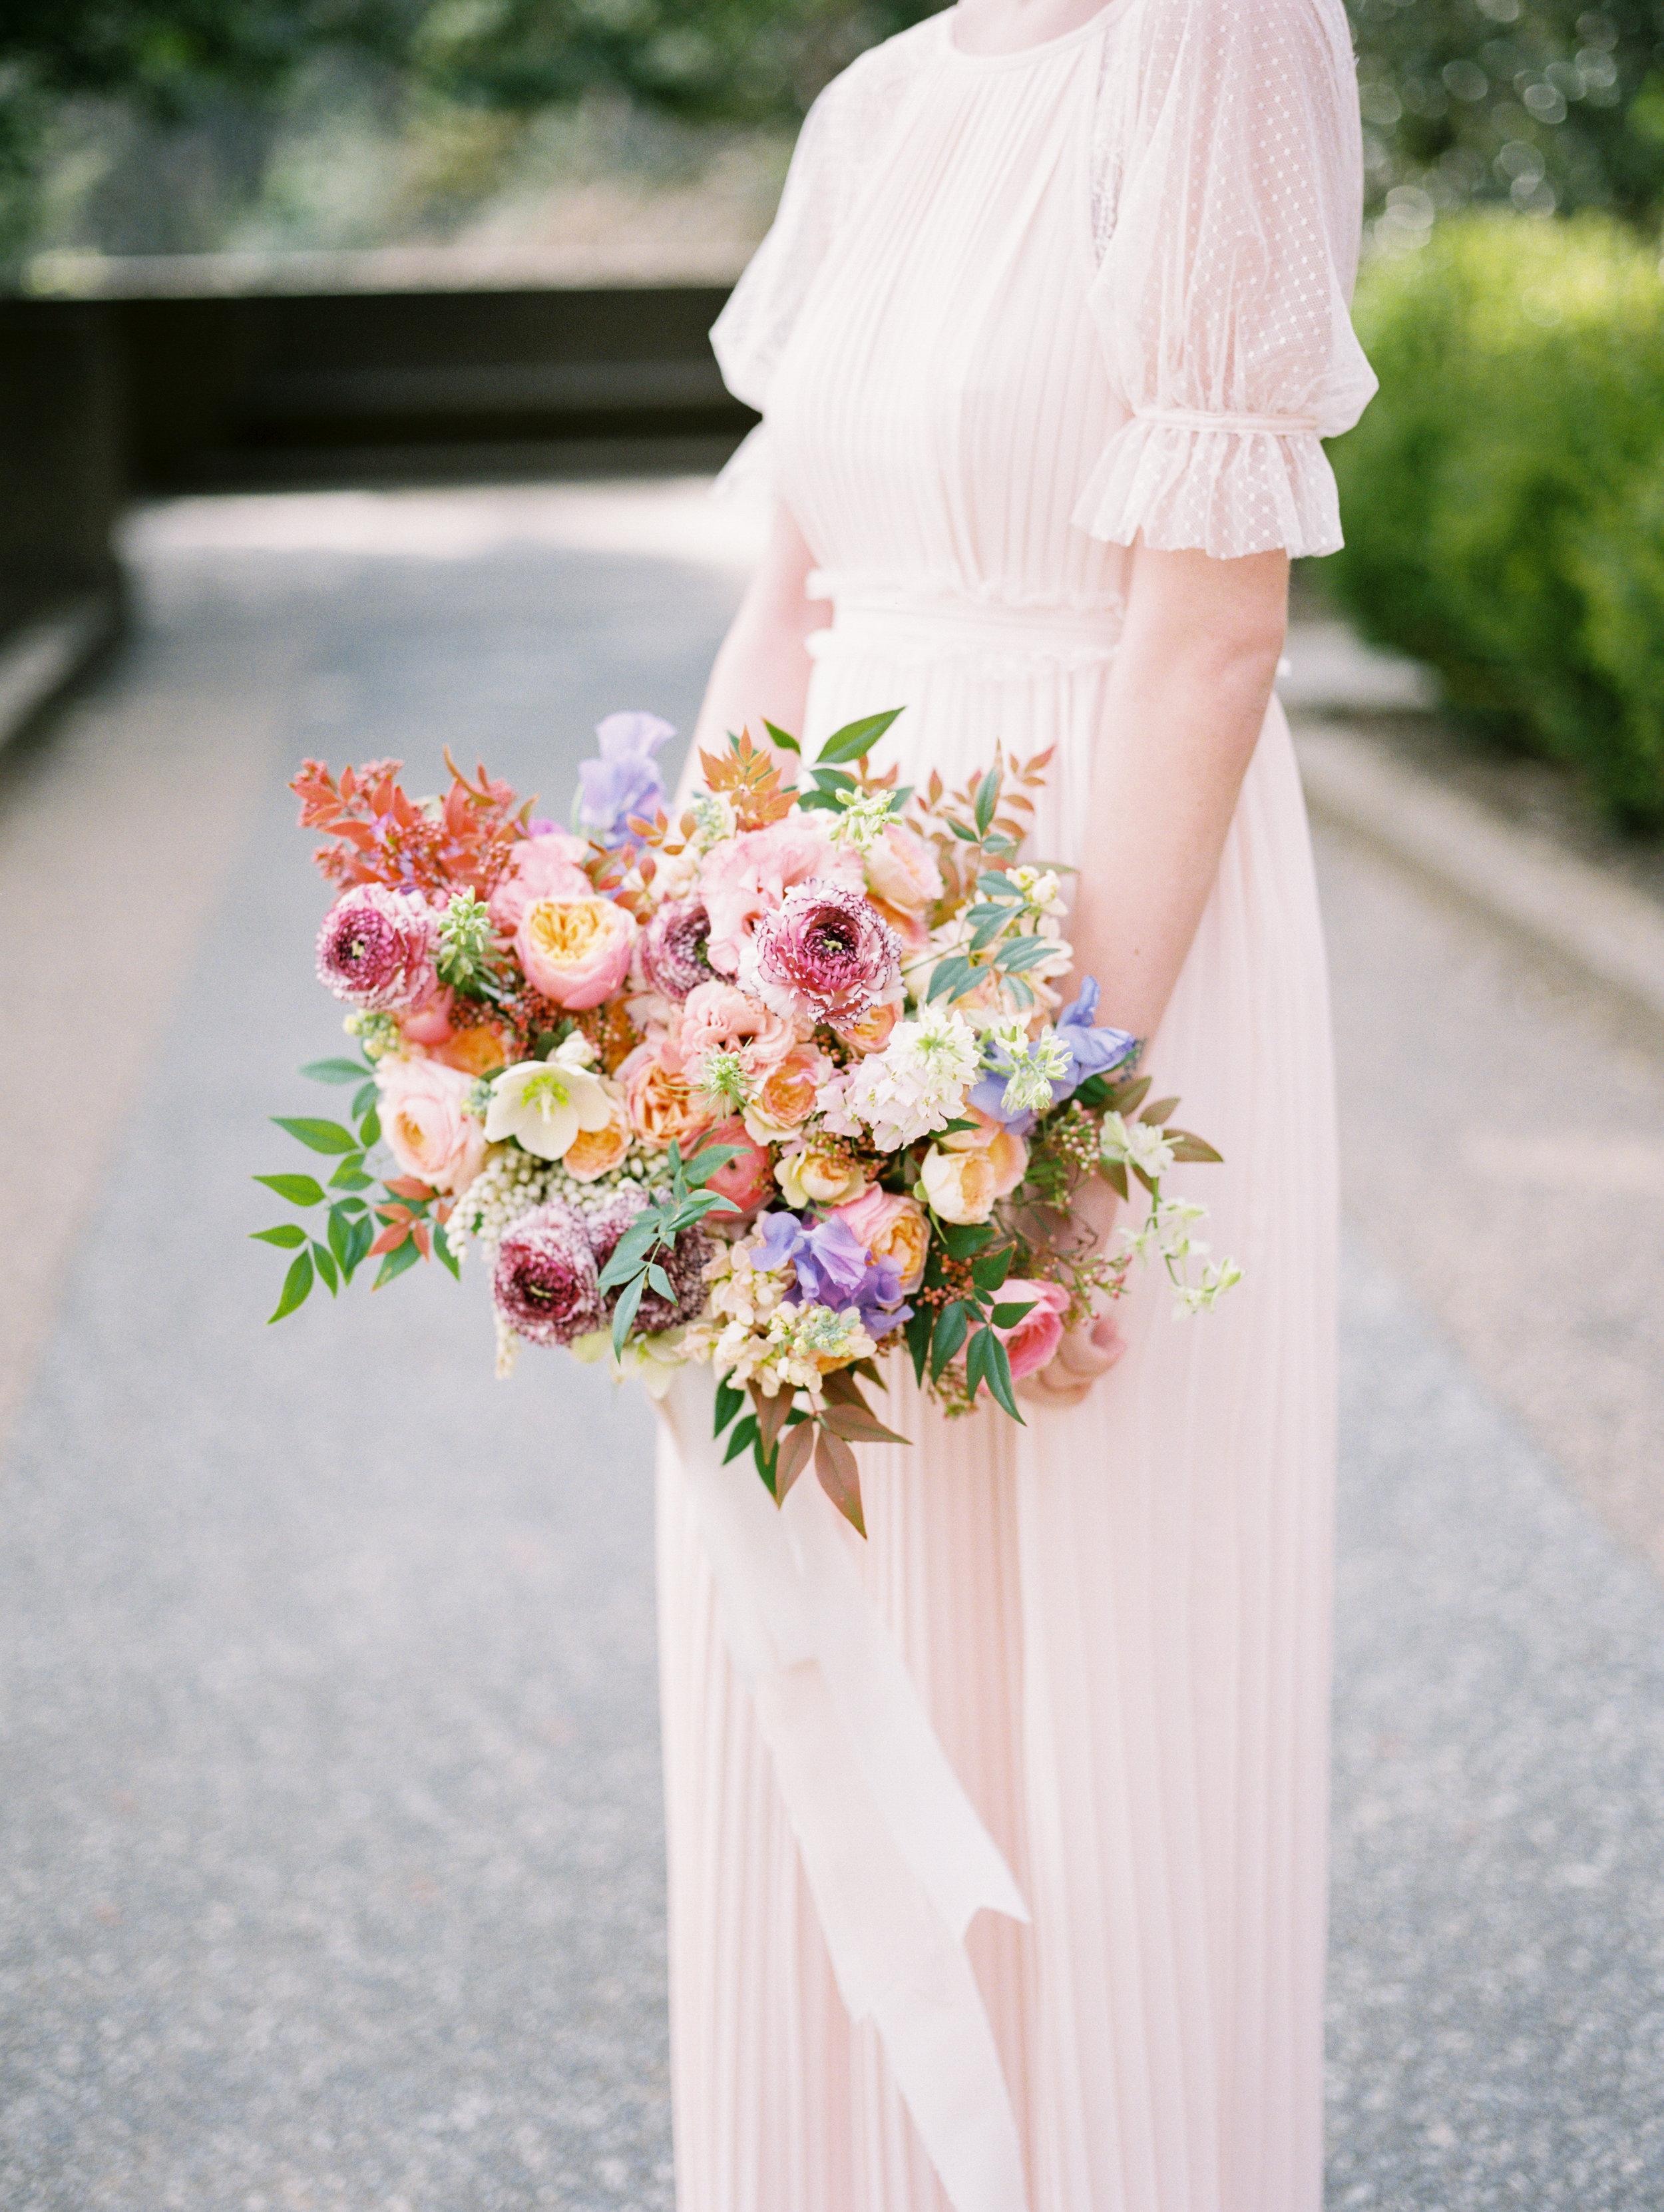 leesburg-wedding-florist-ryan-redman